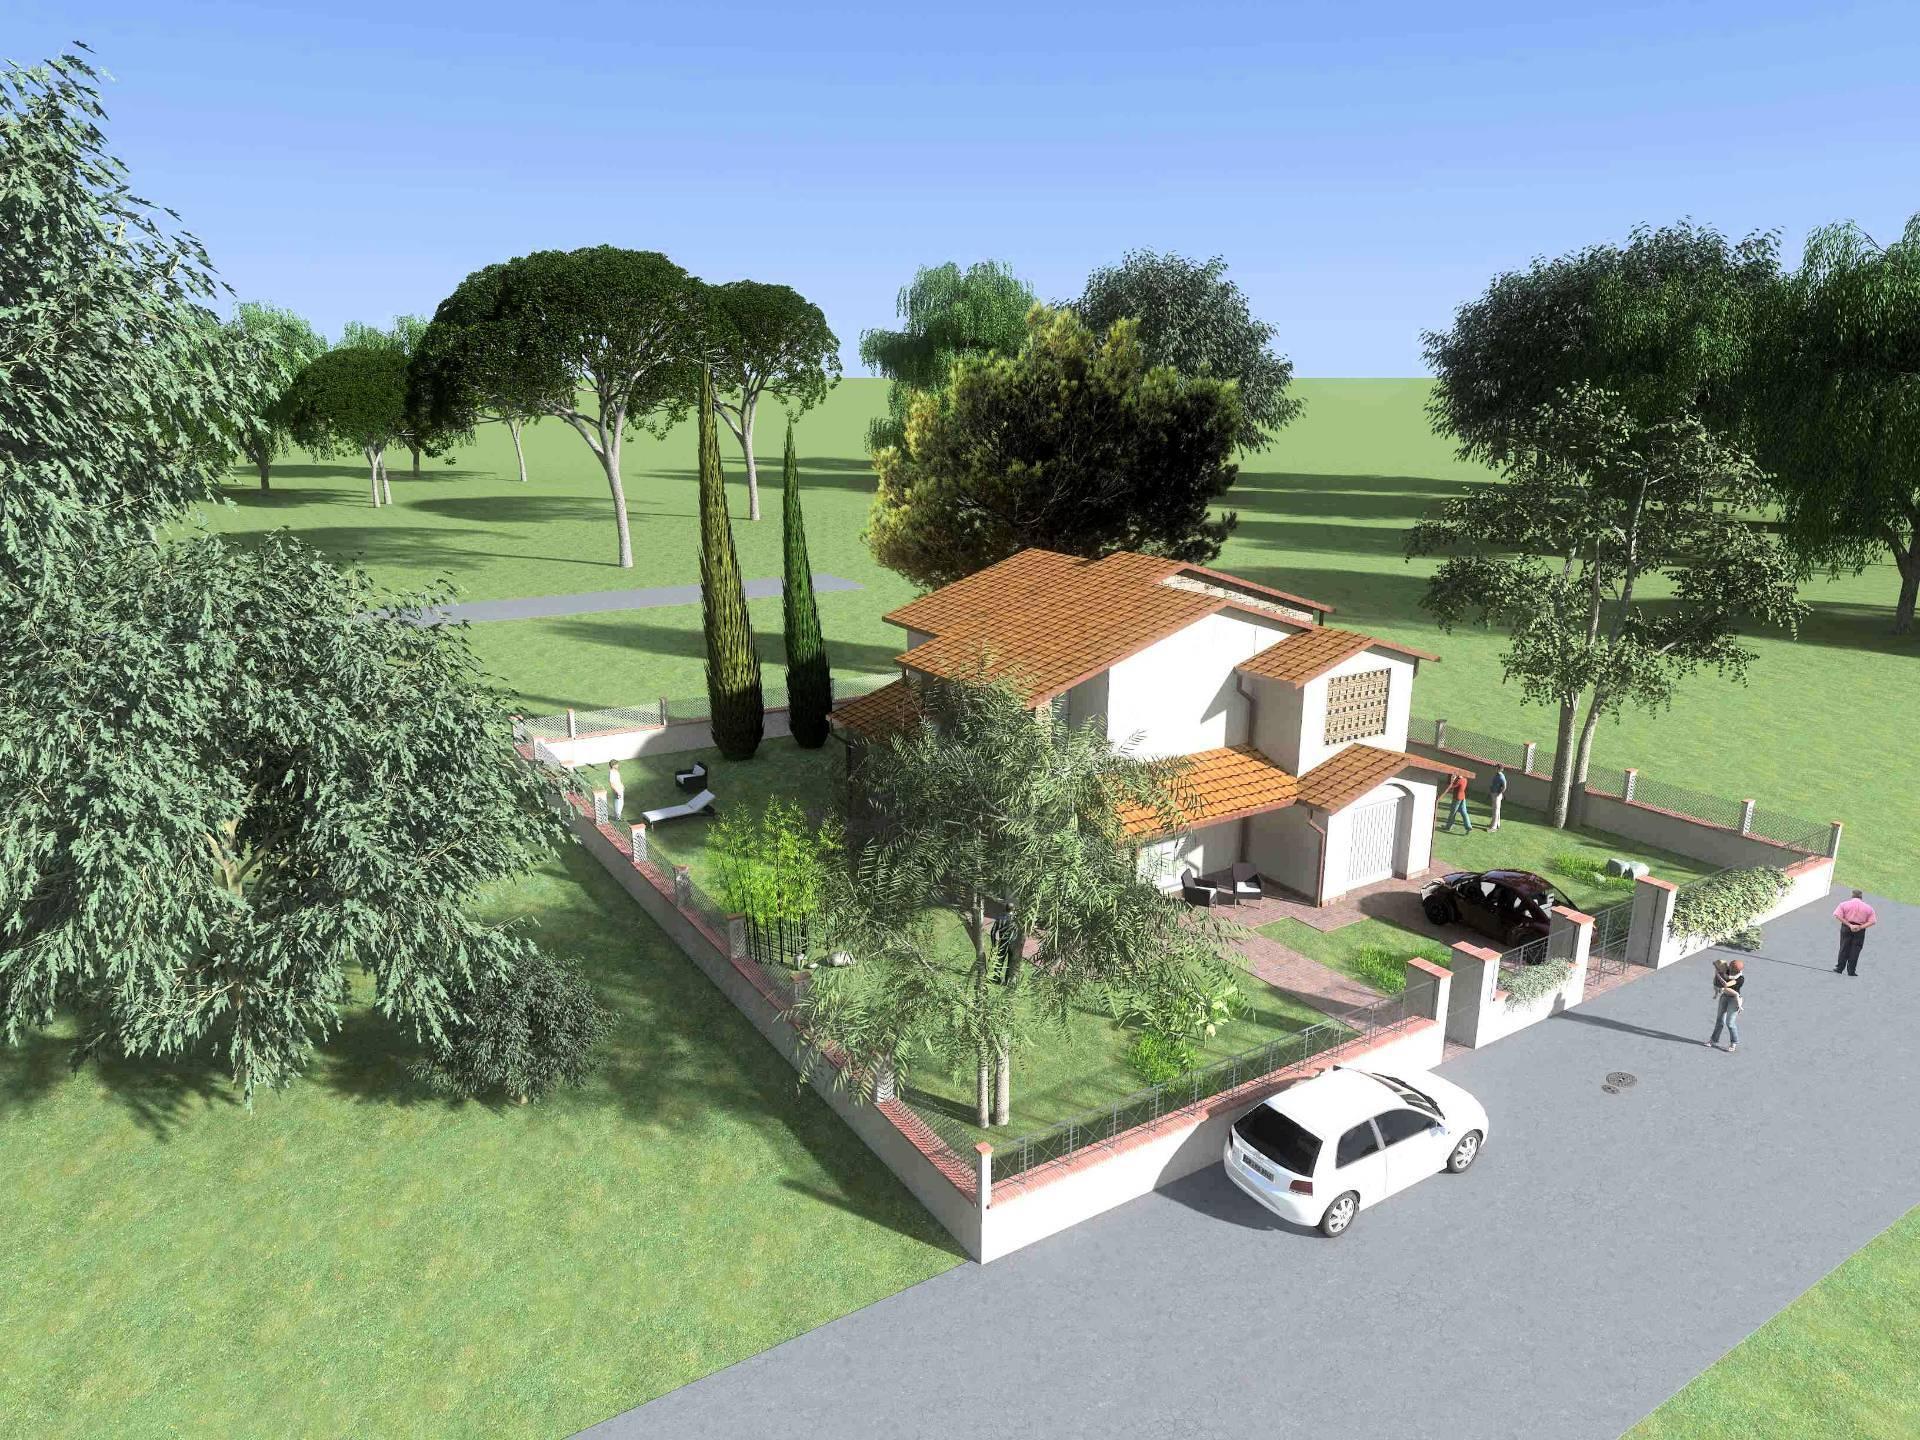 1094-Villetta unifamiliare con giardino-Porcari-1 Agenzia Immobiliare ASIP